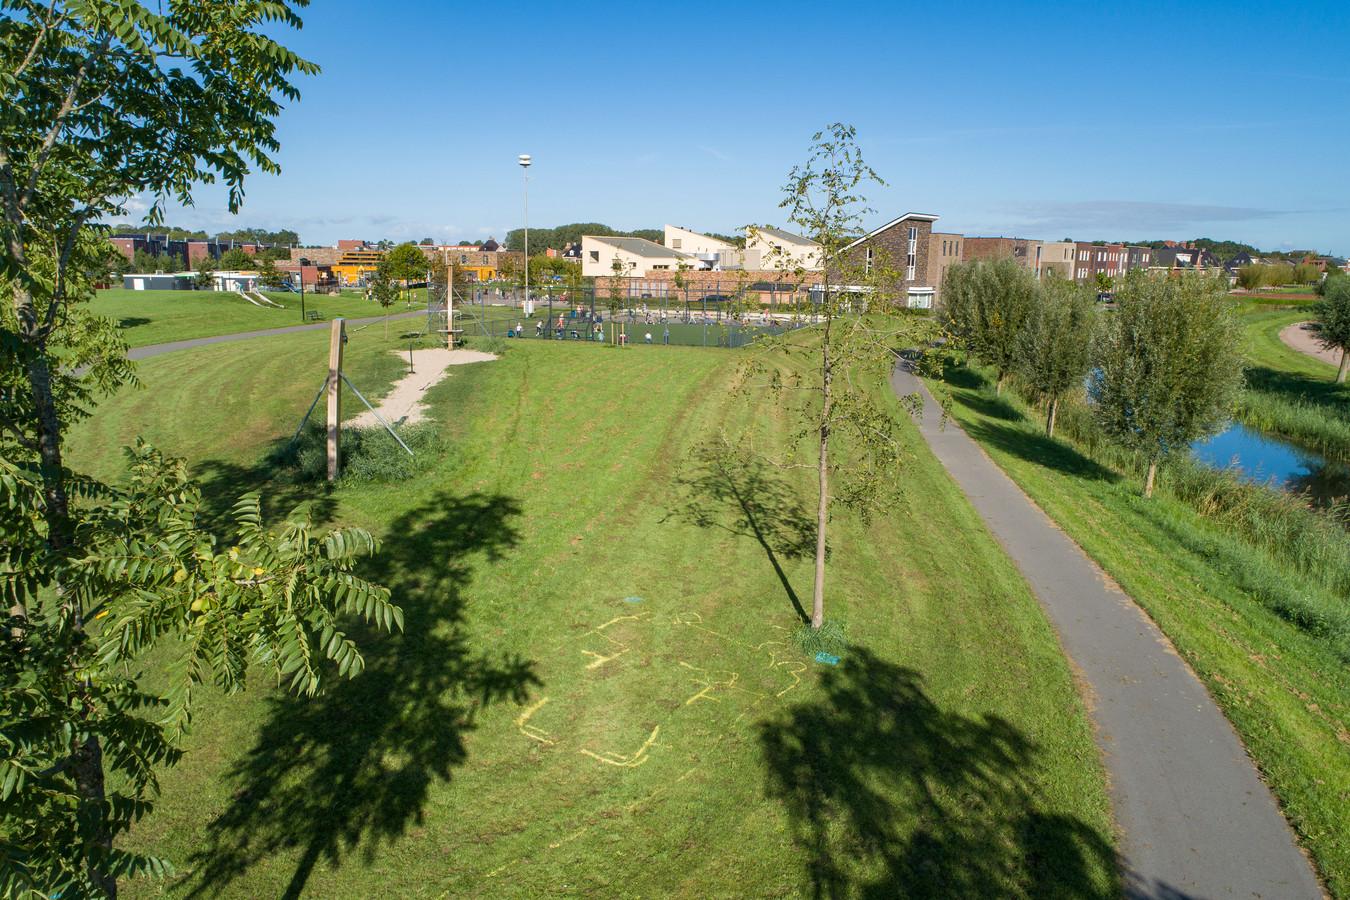 Het grasveld in de Kampense nieuwbouwwijk Onderdijks. De lijnen markeren de plek waar  woensdagochtend een 6-jarig meisje zwaargewond raakte bij een ongeluk met een grasmaaier.  Op de achtergrond basisschool Villa Nova.